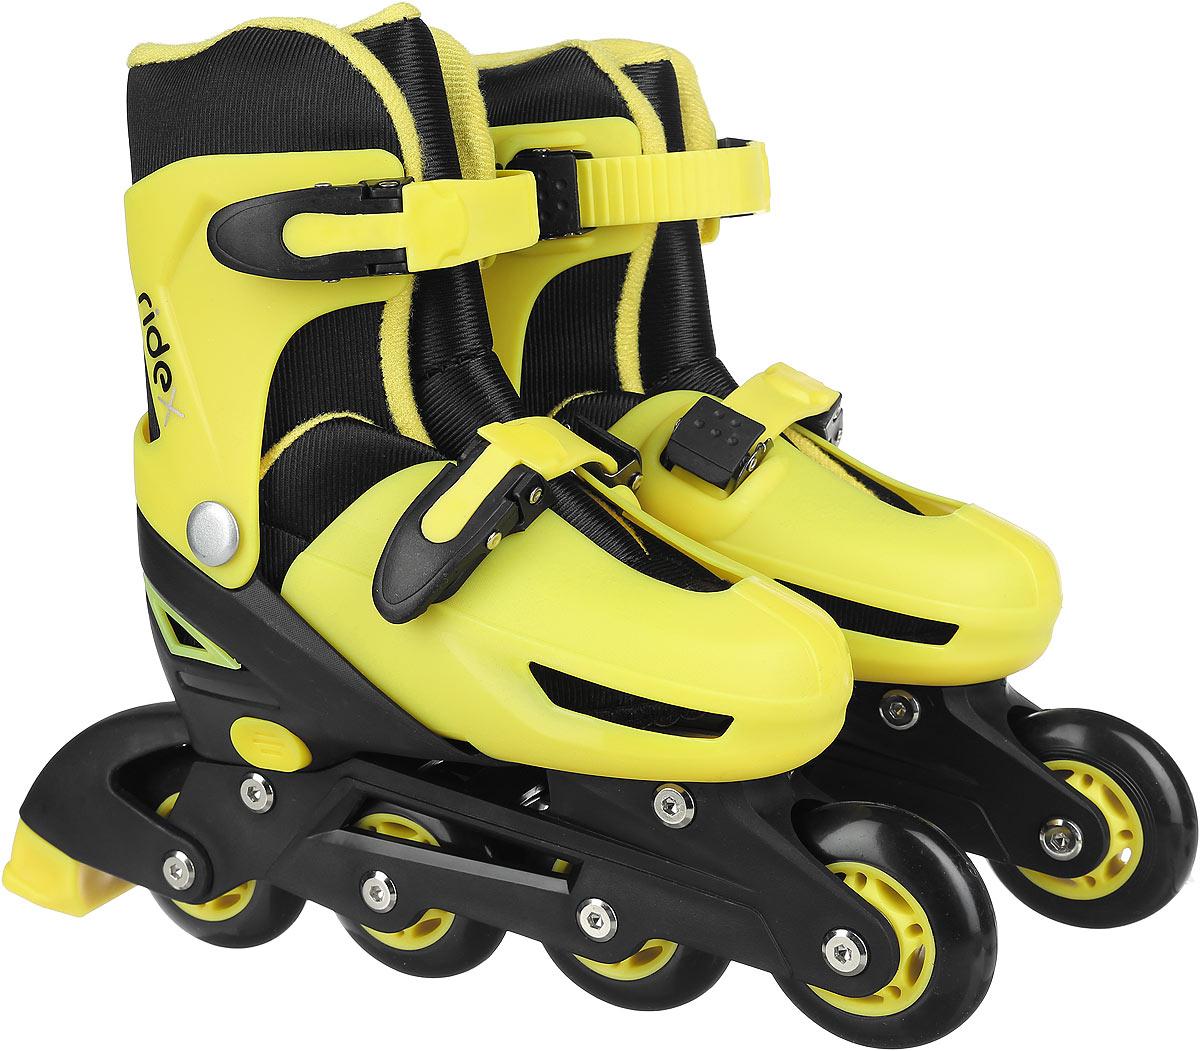 Коньки роликовые Ridex Champion, раздвижные, цвет: черный, желтый. УТ-00008209. Размер 39/42